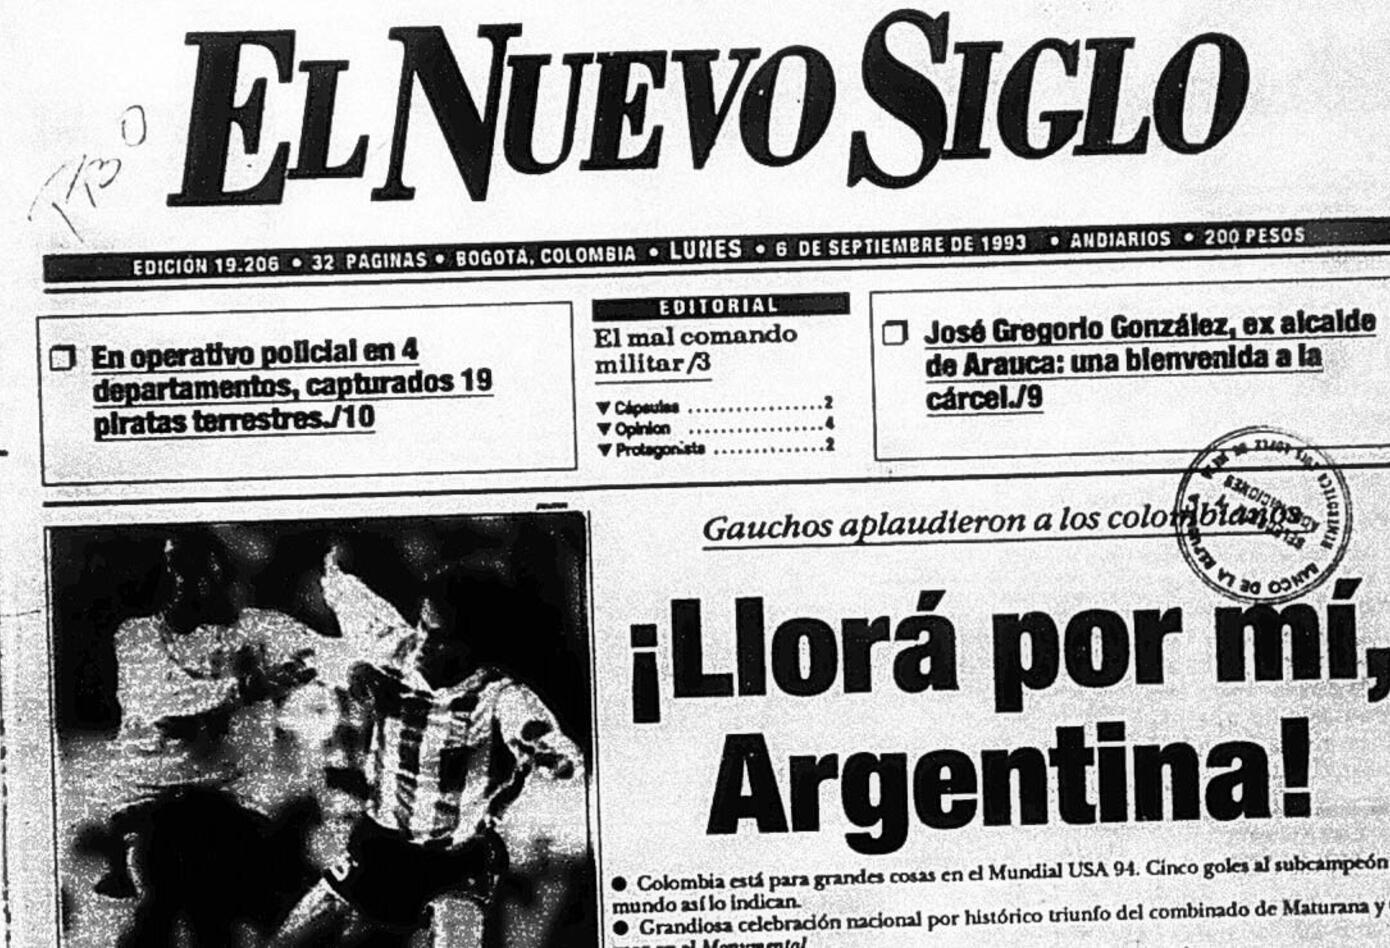 Portada del diario El Nuevo Siglo el 6 de septiembre de 1993